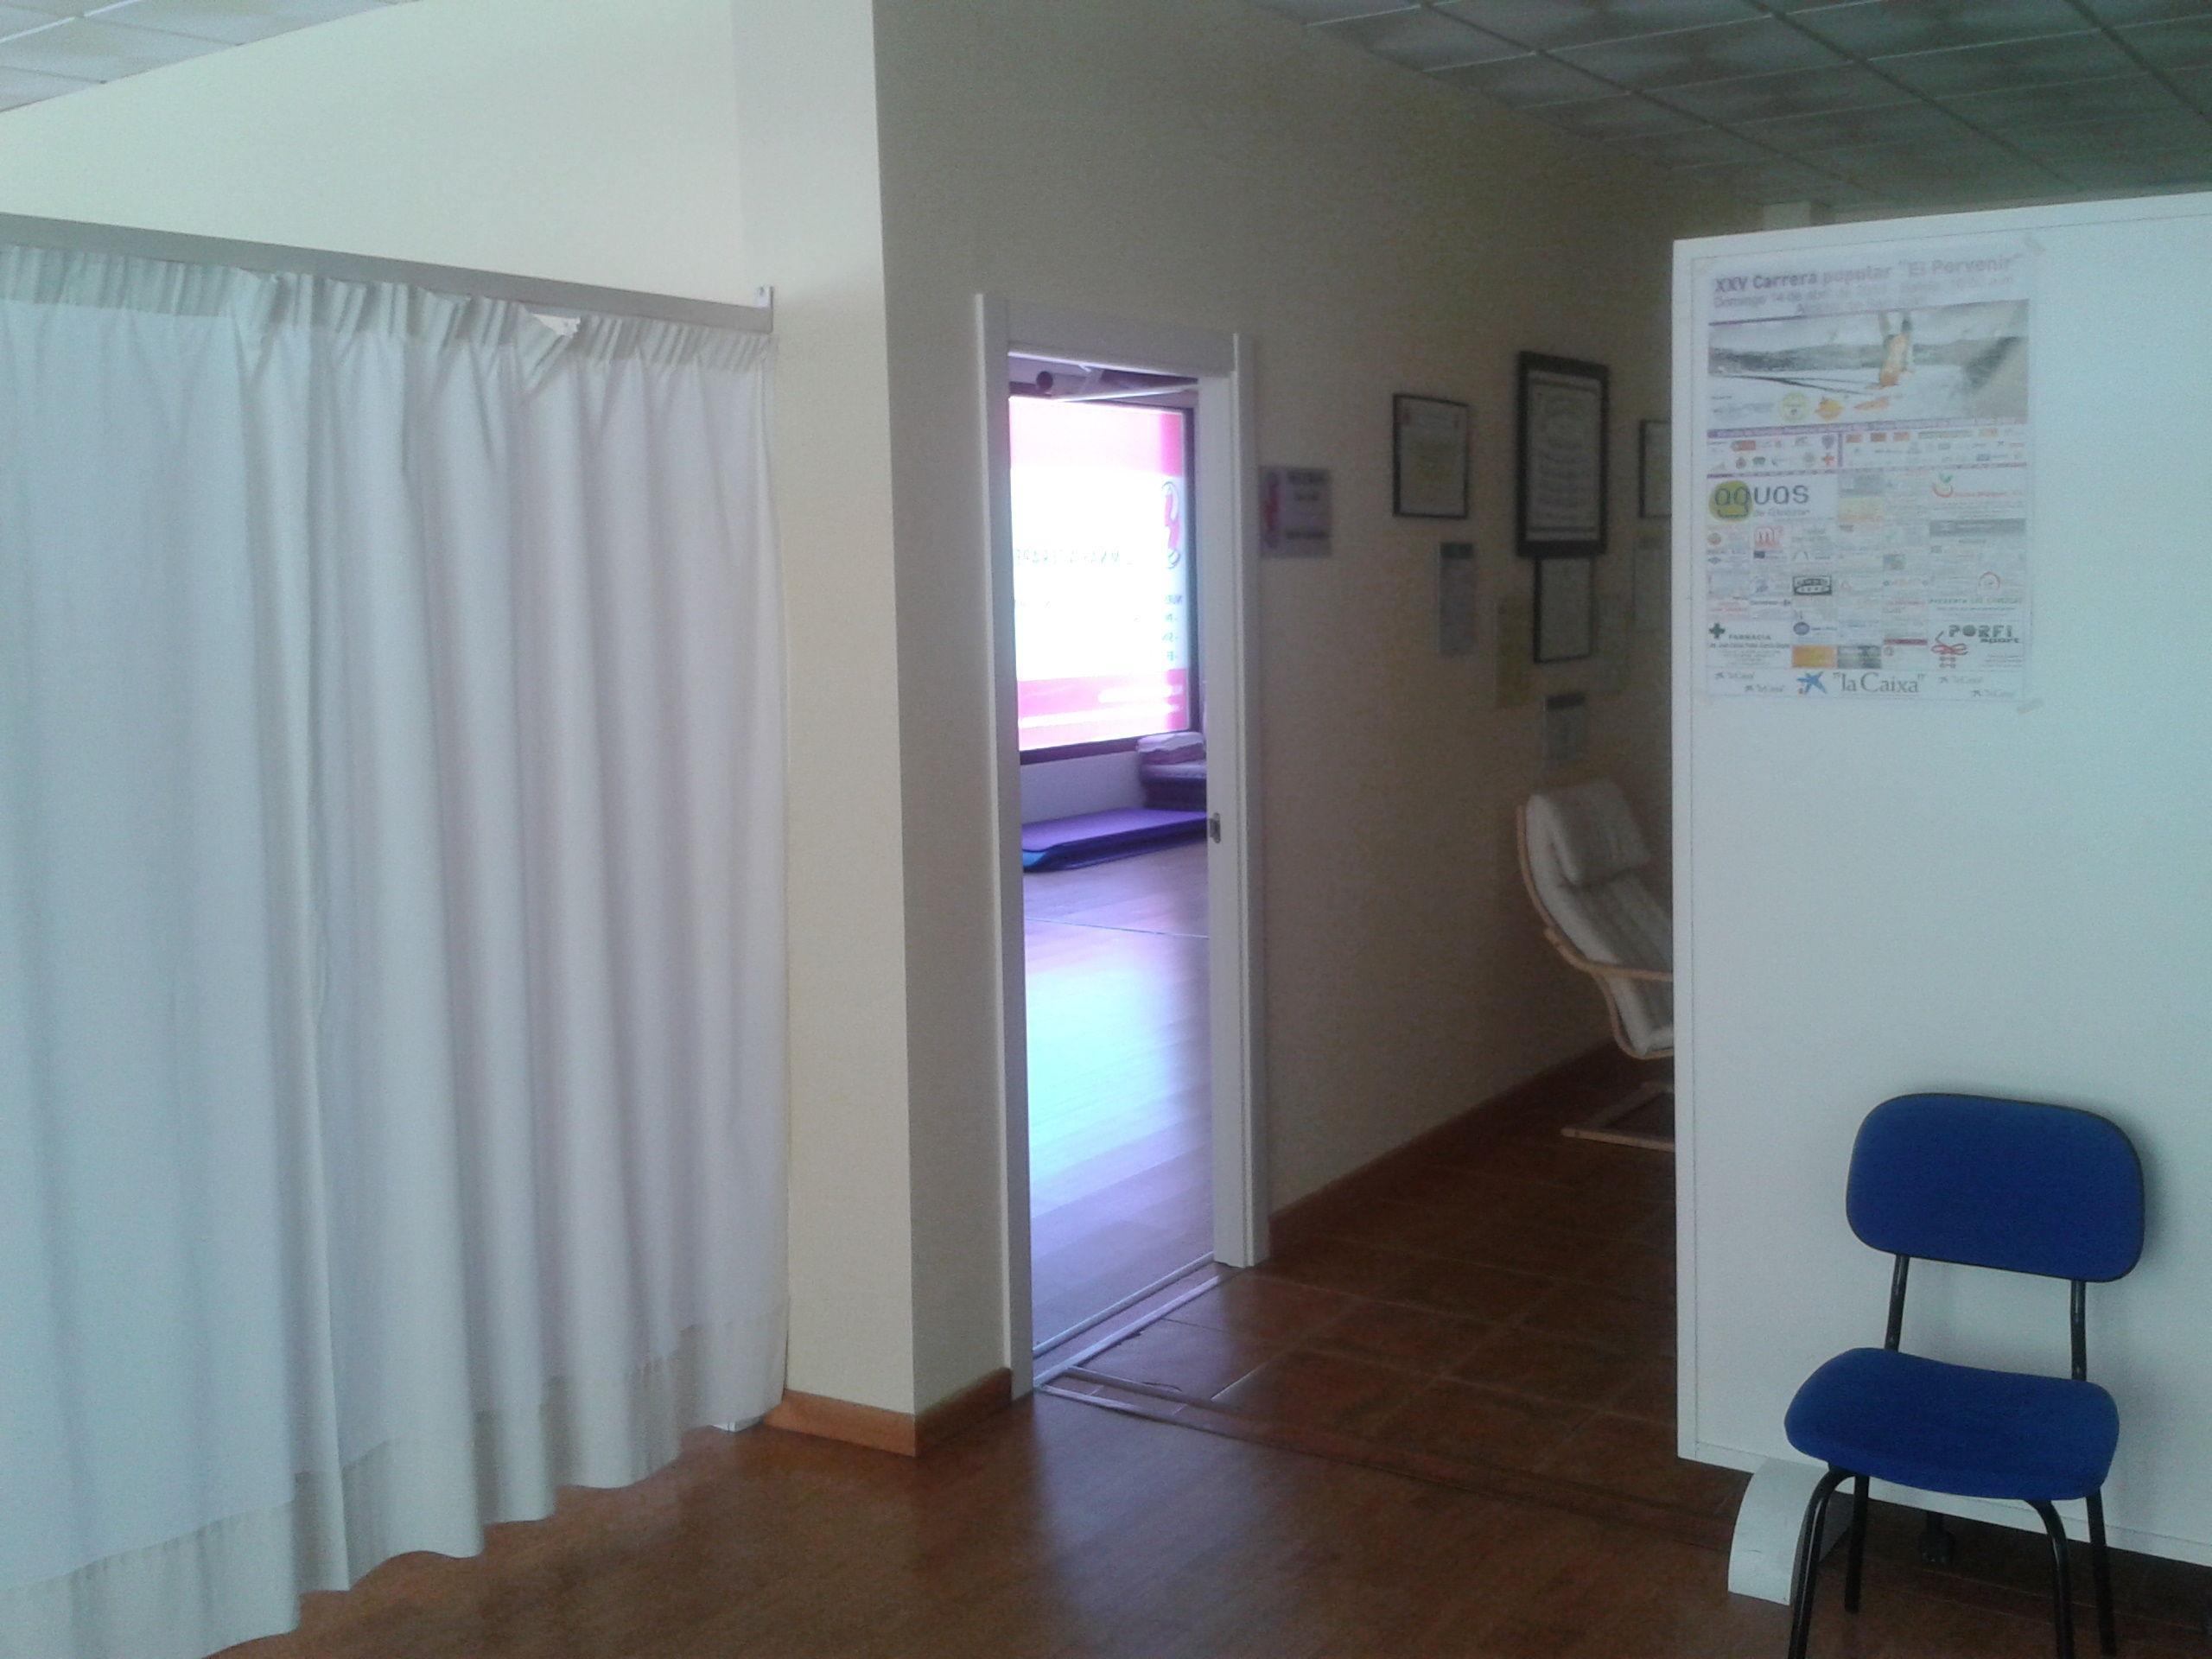 Foto 9 de Fisioterapia en Alcázar de San Juan | Skleros